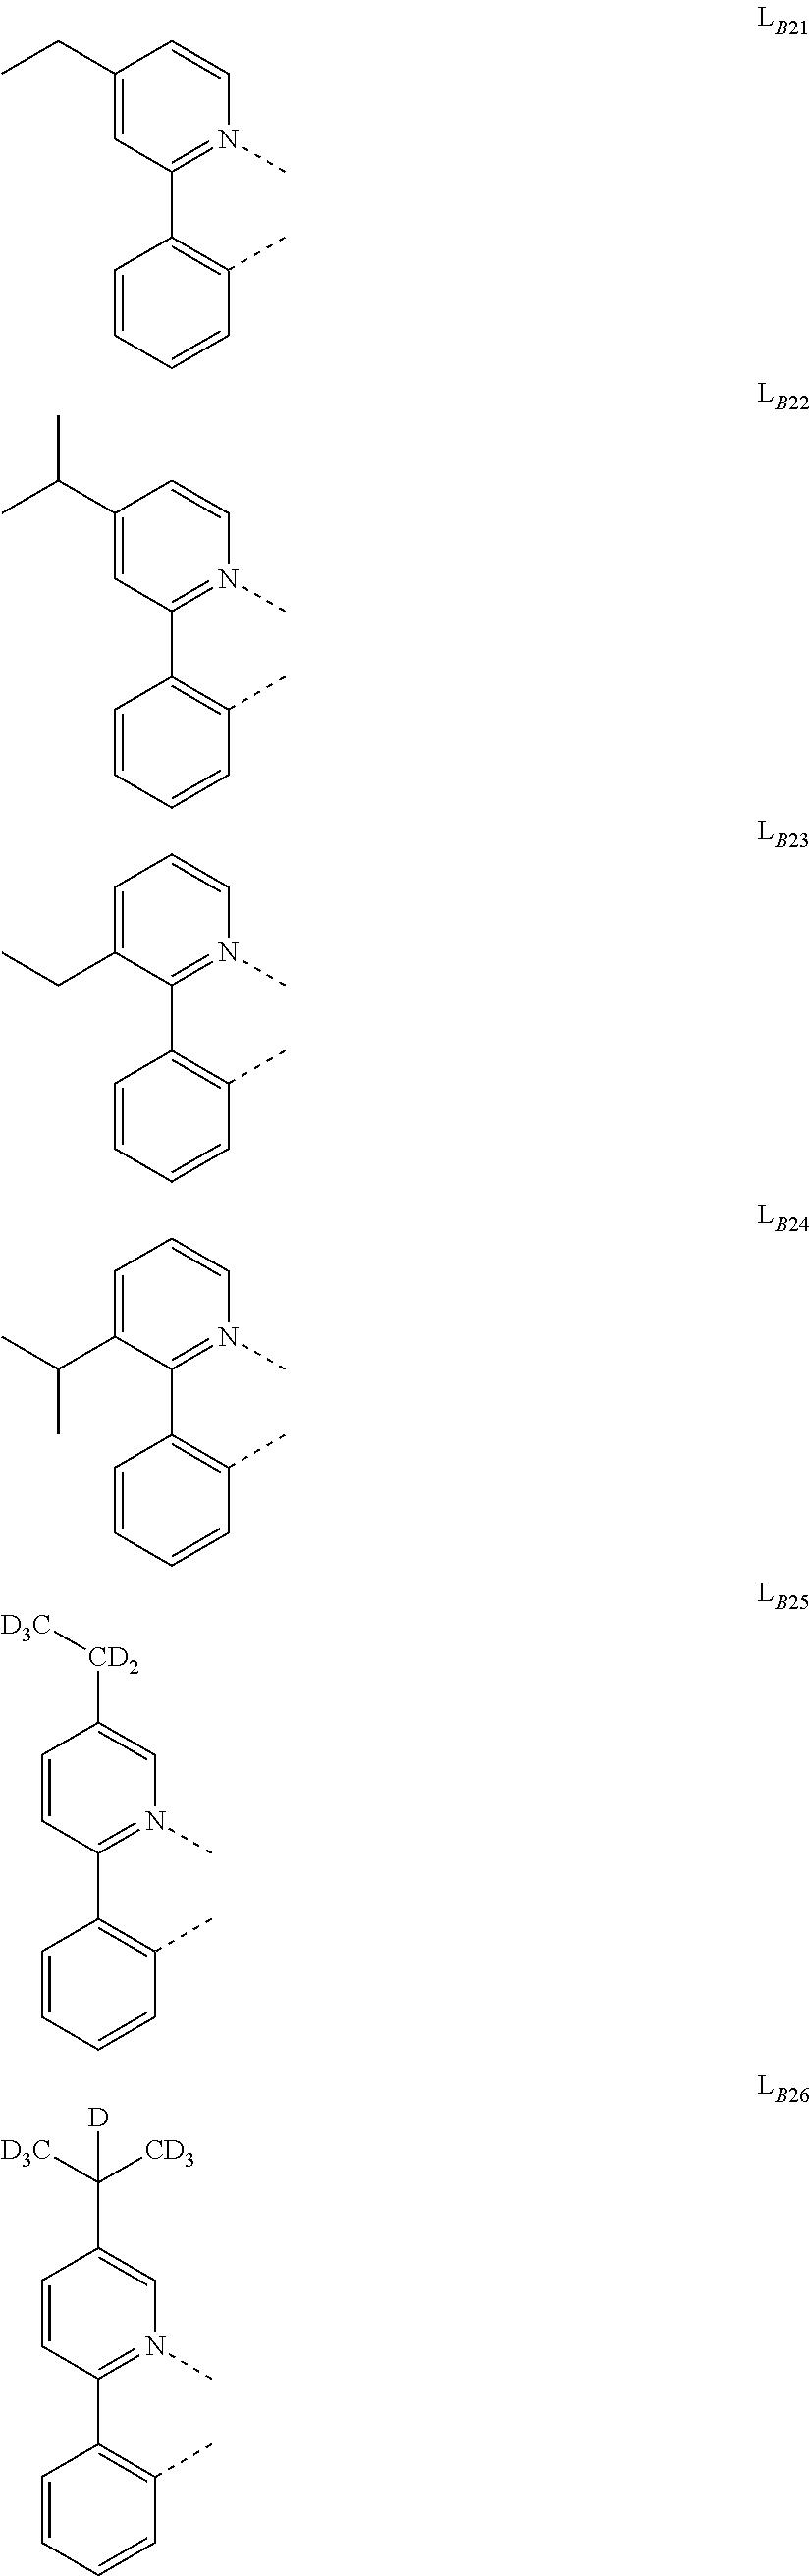 Figure US09590194-20170307-C00050